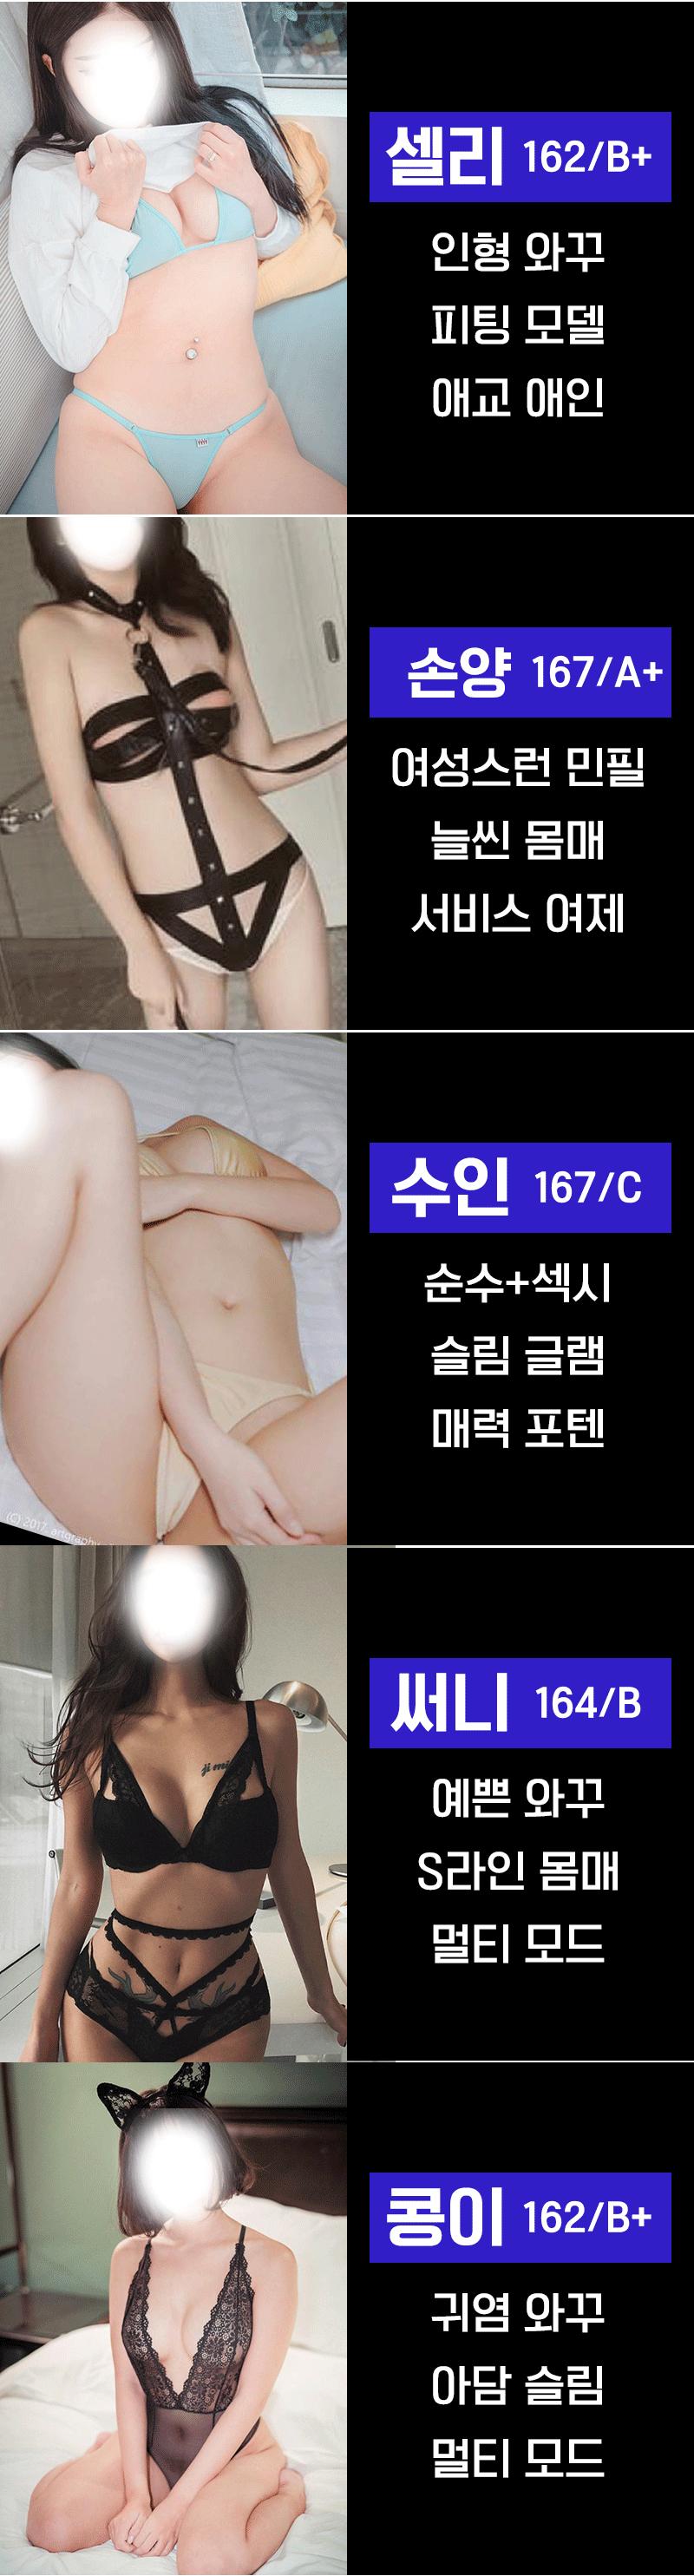 KakaoTalk_20210201_215201330_01.jpg